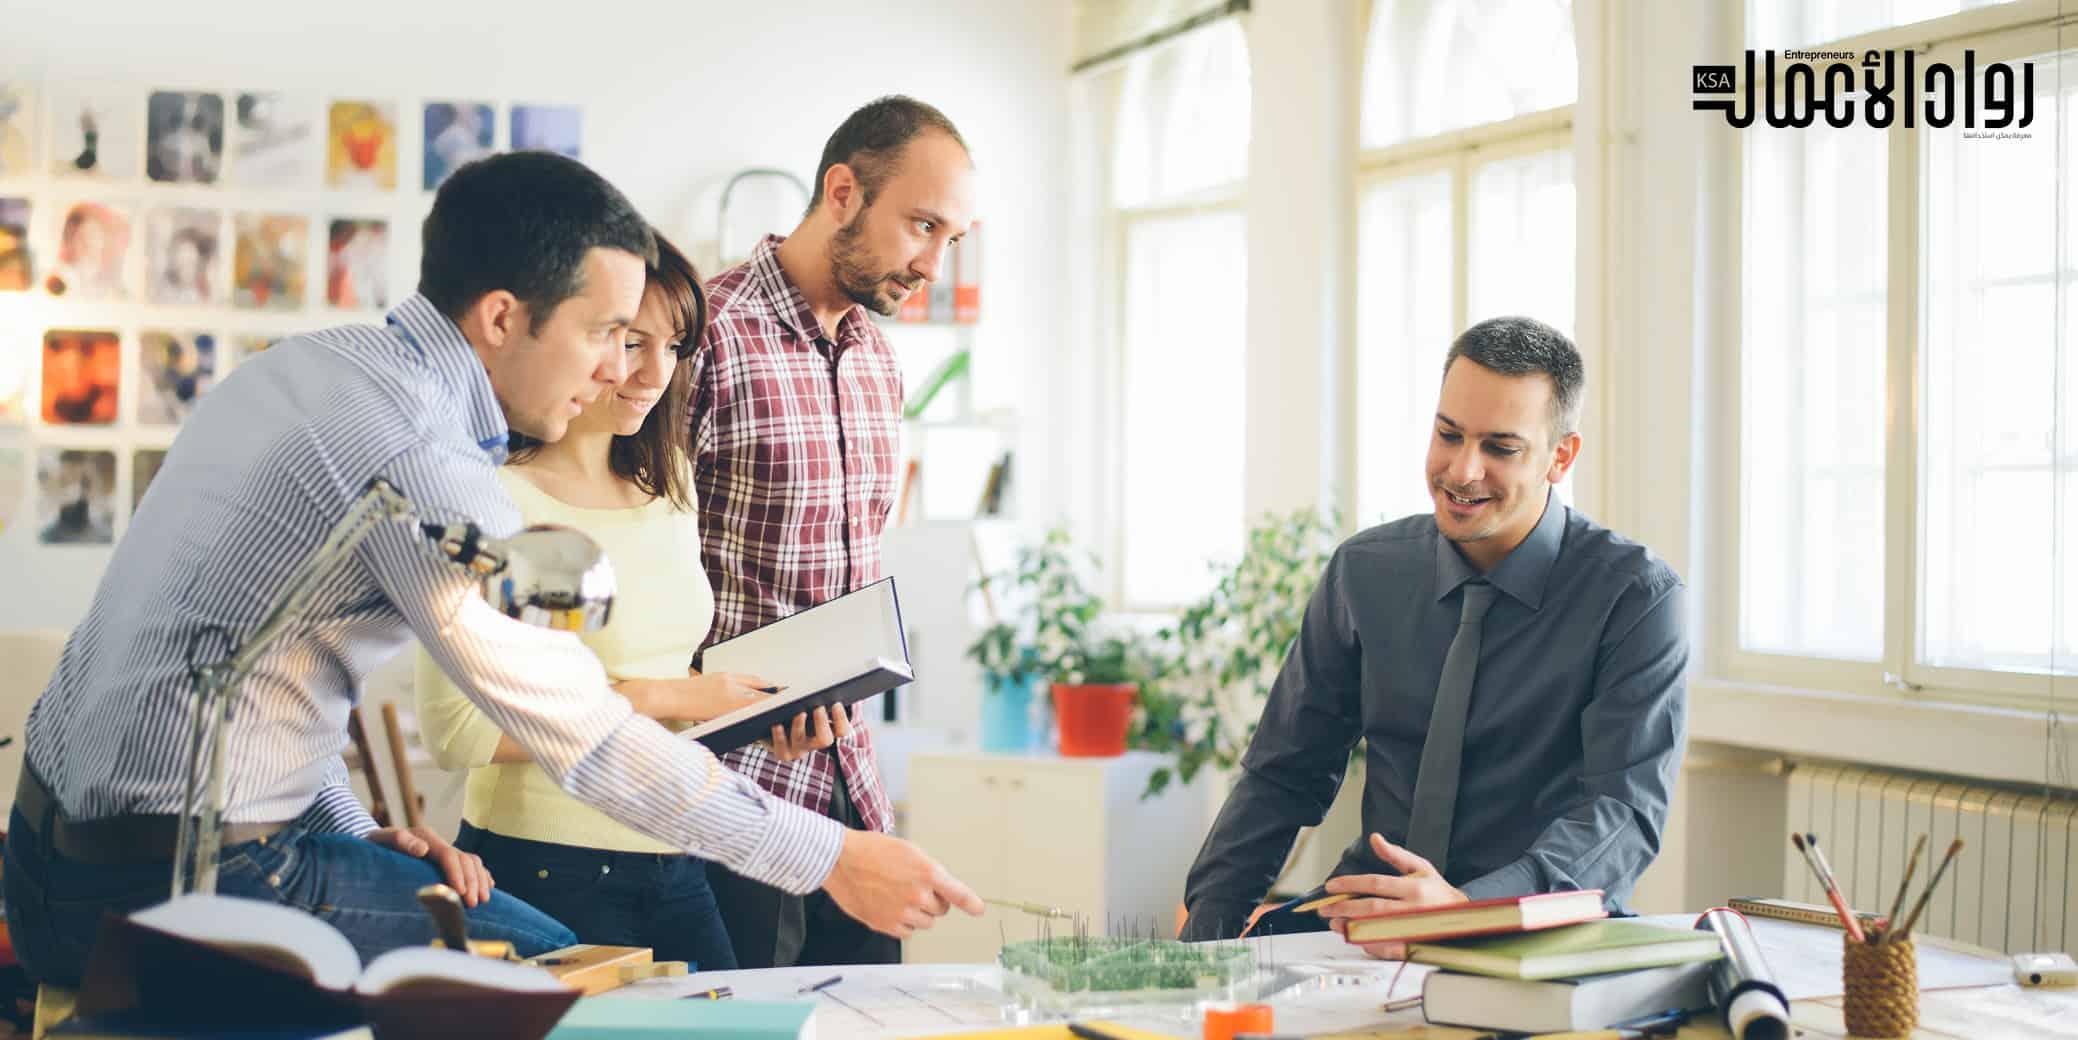 ما يريد رائد الأعمال معرفته